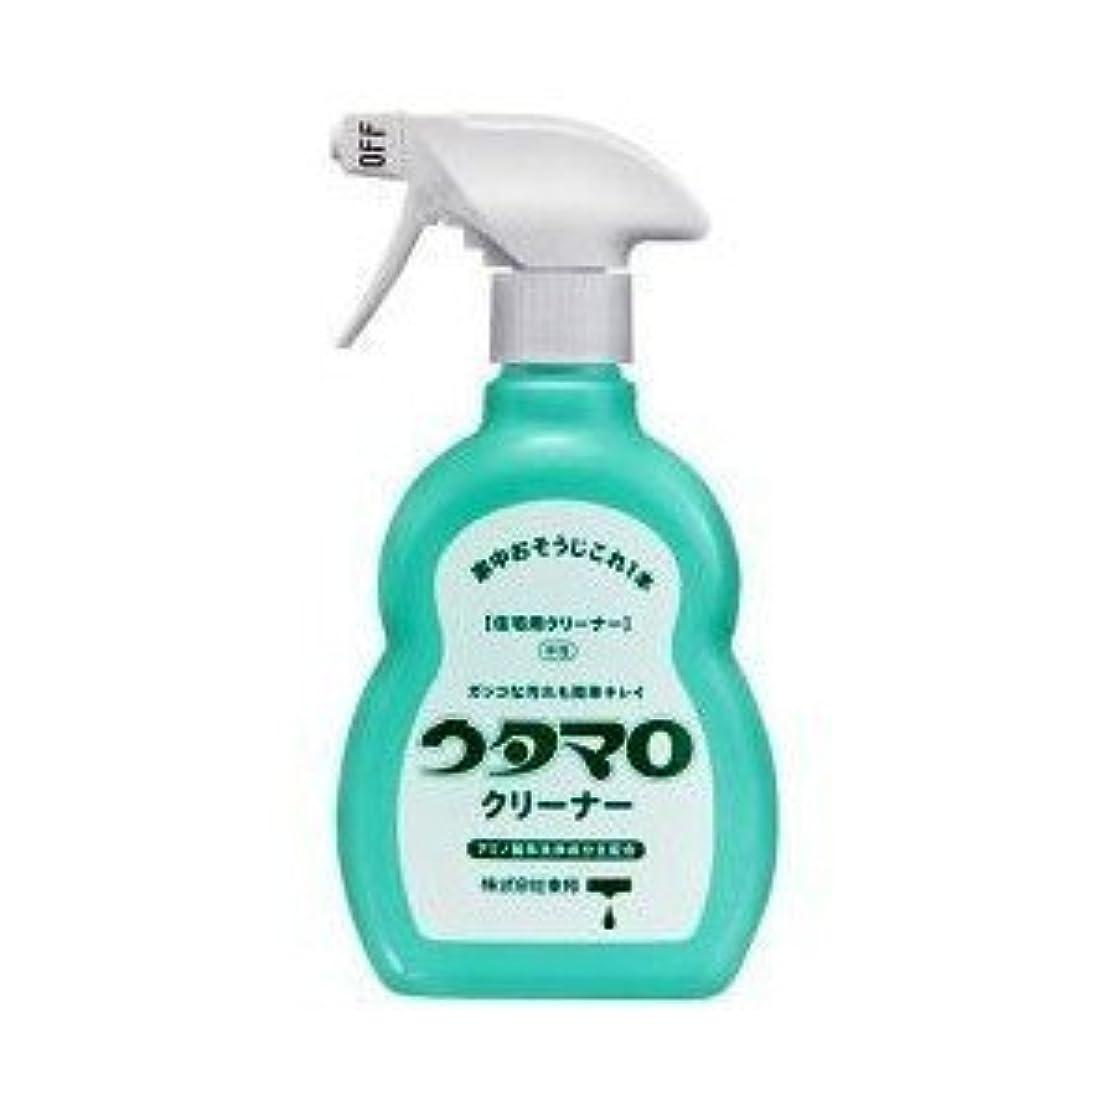 避難する魅力的であることへのアピール社会科ウタマロ クリーナー 400ml 洗剤 住居用 アミノ酸系洗浄成分主配合 さわやかなグリーンハーブの香り